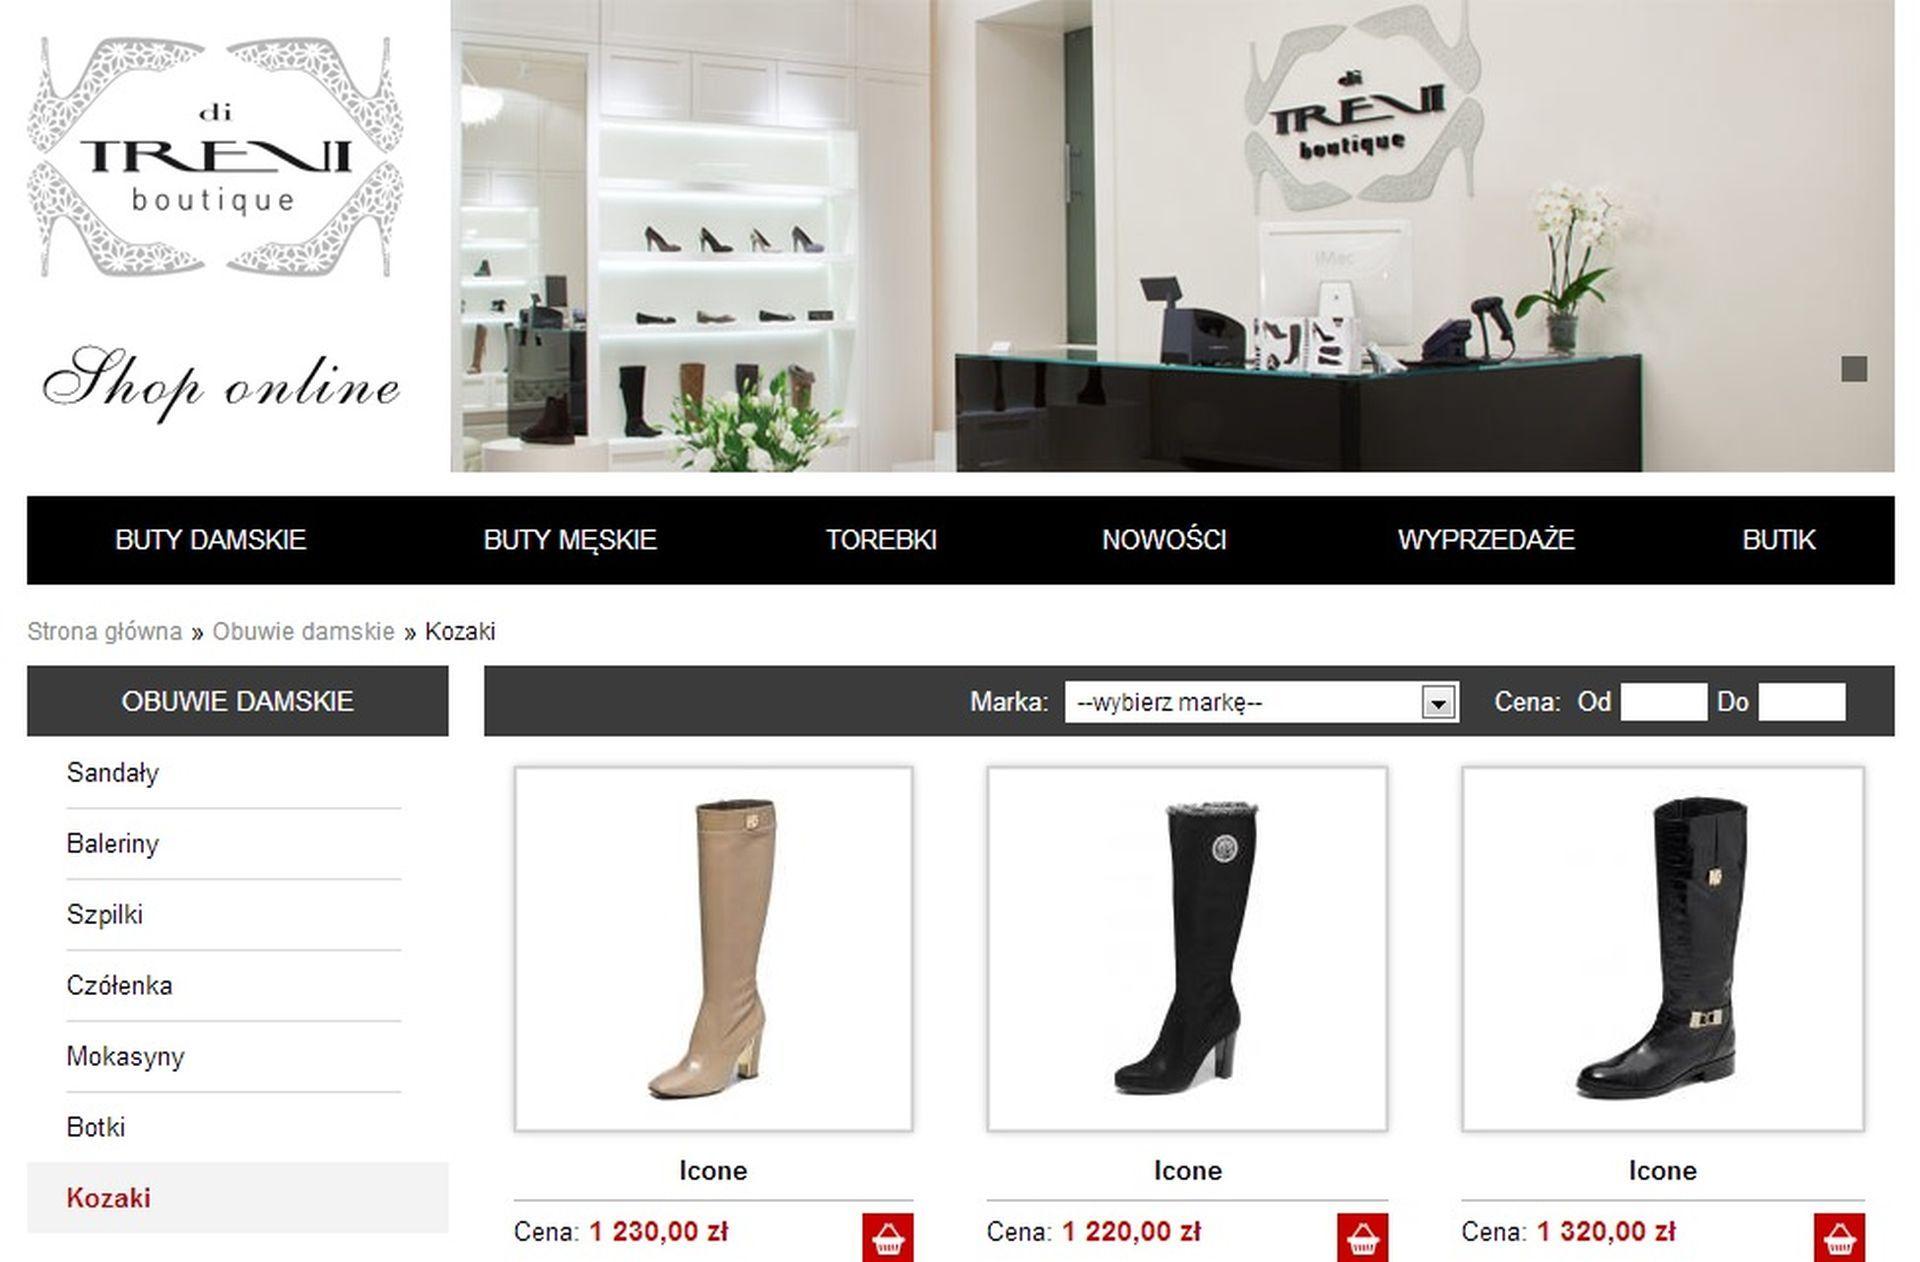 di Trevi boutique_shop online (2)